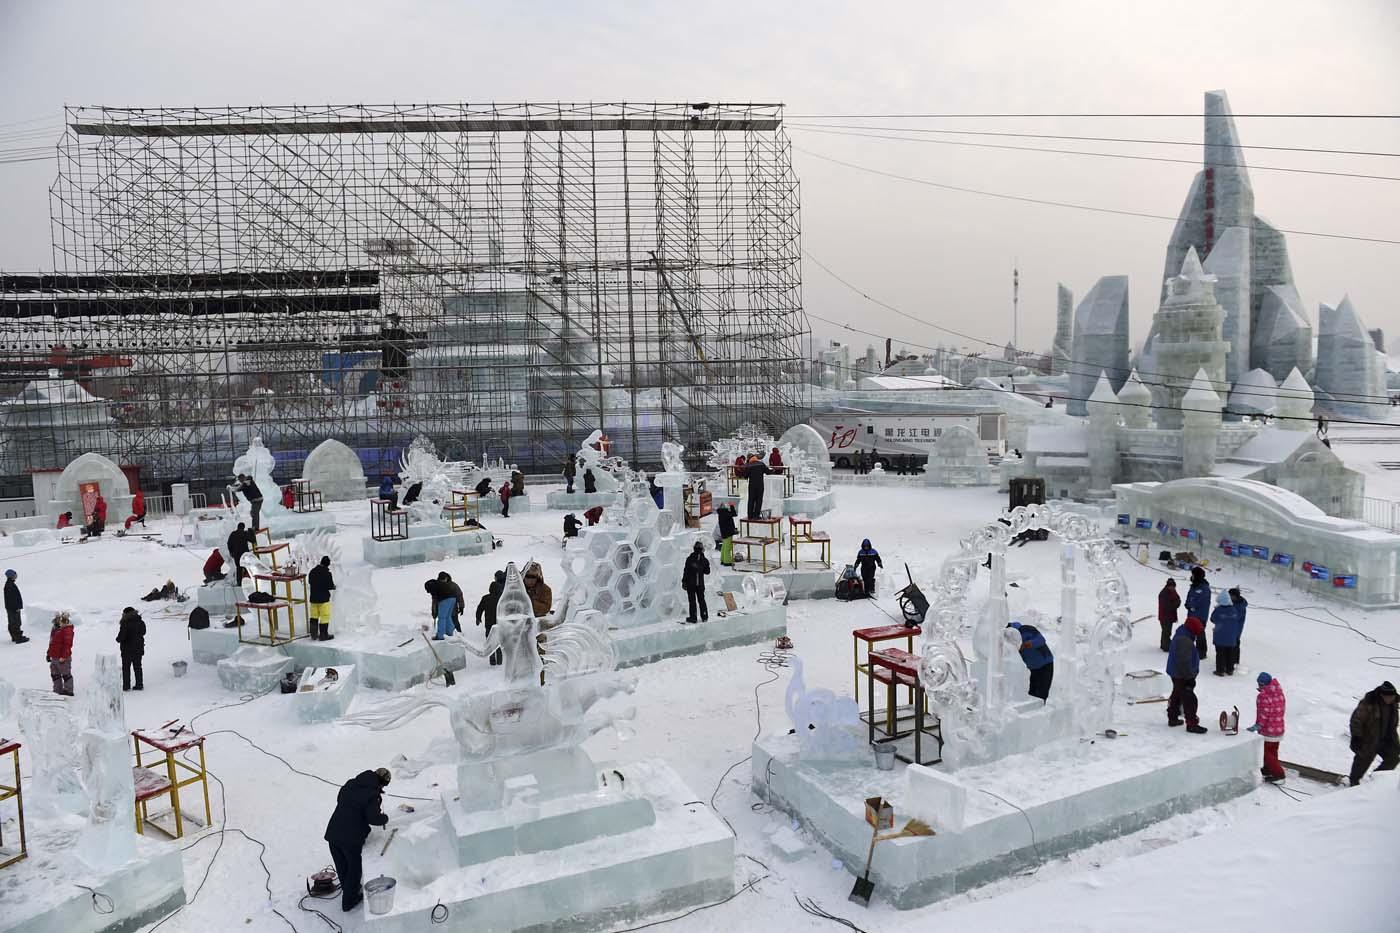 En esta imagen, tomada el 3 de enero de 2017 y distribuida por la agencia china de noticias Xinhua, participantes tallan esculturas de hielo durante el concurso de esculturas del  Festival Internacional de Hielo y Nueve de Harbin, en la provincia de Heilongjiang, en el noreste de China. La ciudad de Harbin, en el gélido noreste de China, da los últimos retoques previos a la apertura de uno de los festivales de hielo más grandes del mundo, que el año pasado atrajo a más de un millón de visitantes. (Wang Jianwei/Xinhua via AP)